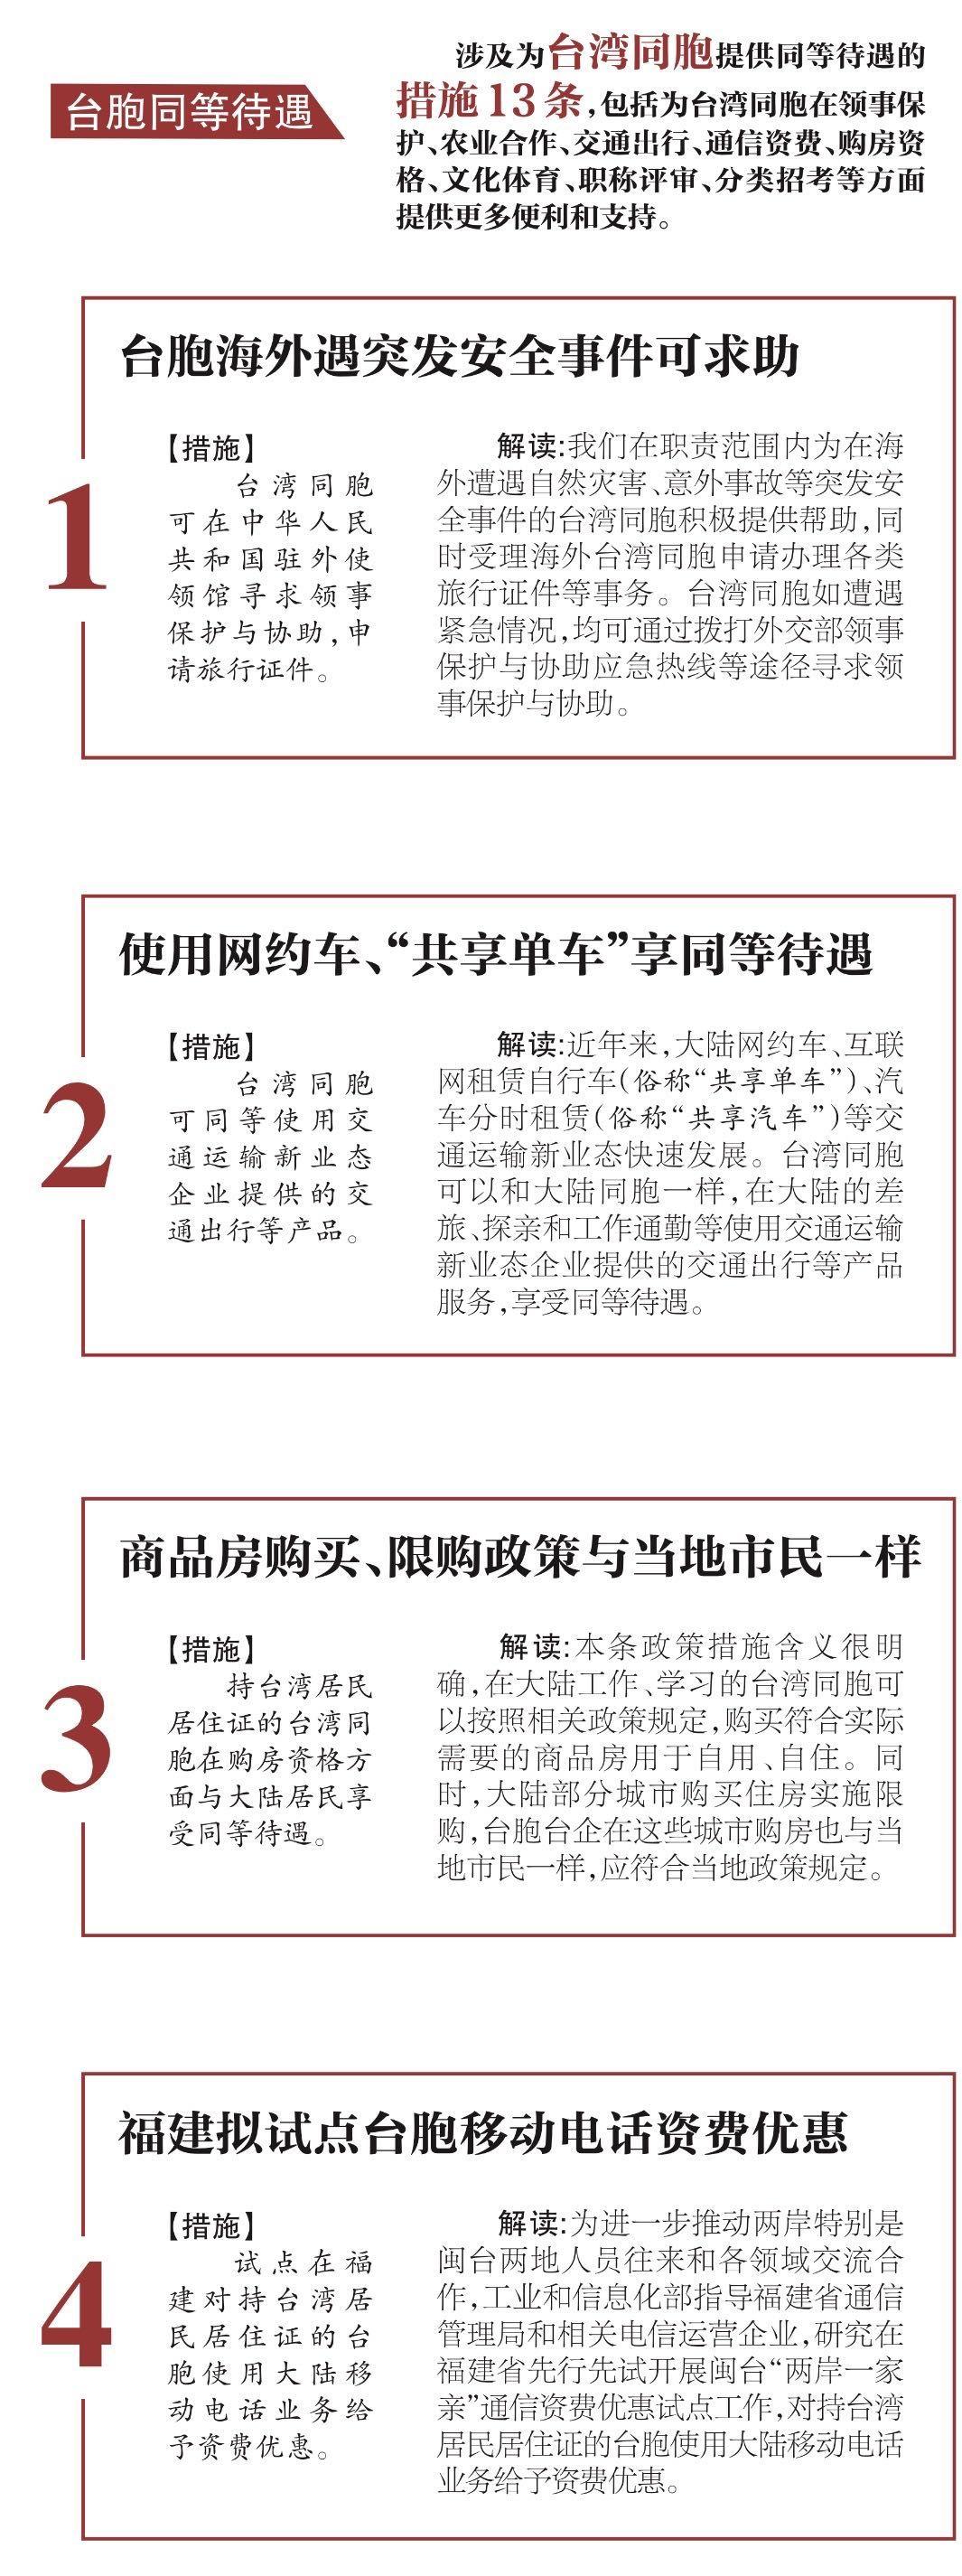 银都娱乐场手机开户 - 2019年9月20日遂宁市挂牌1宗工业用地 起始价323.56万元